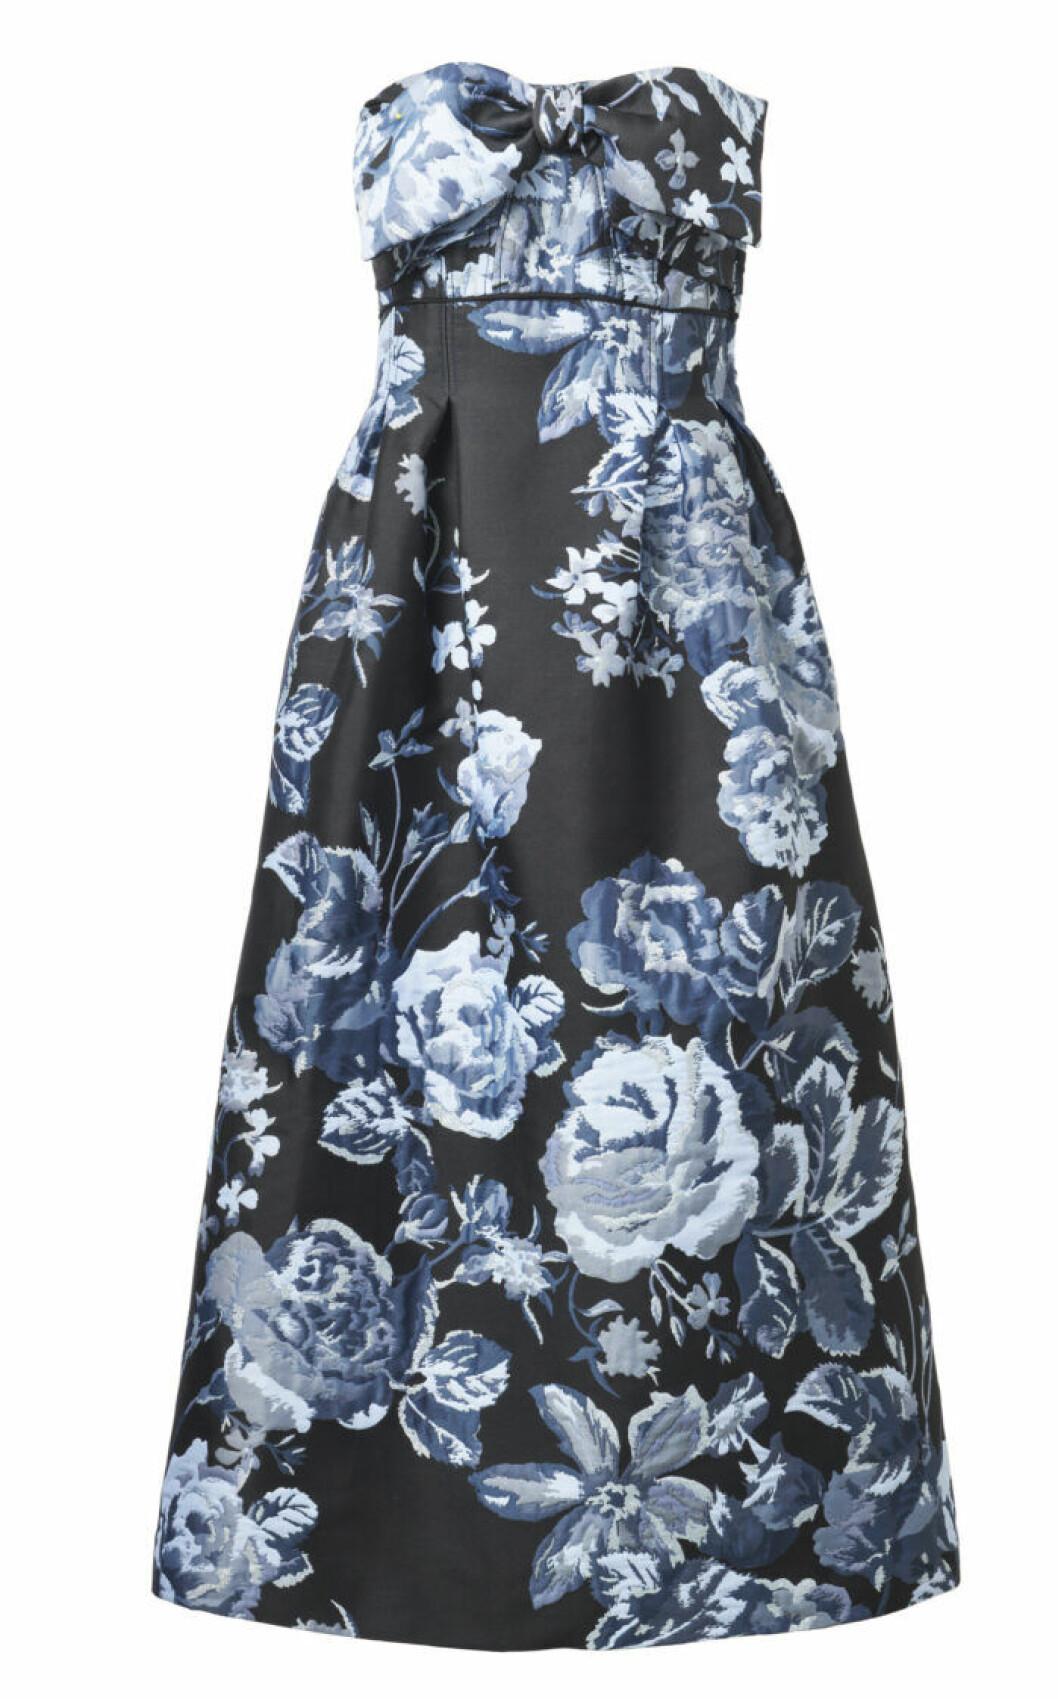 Klänning med blå blommor mot svart botten